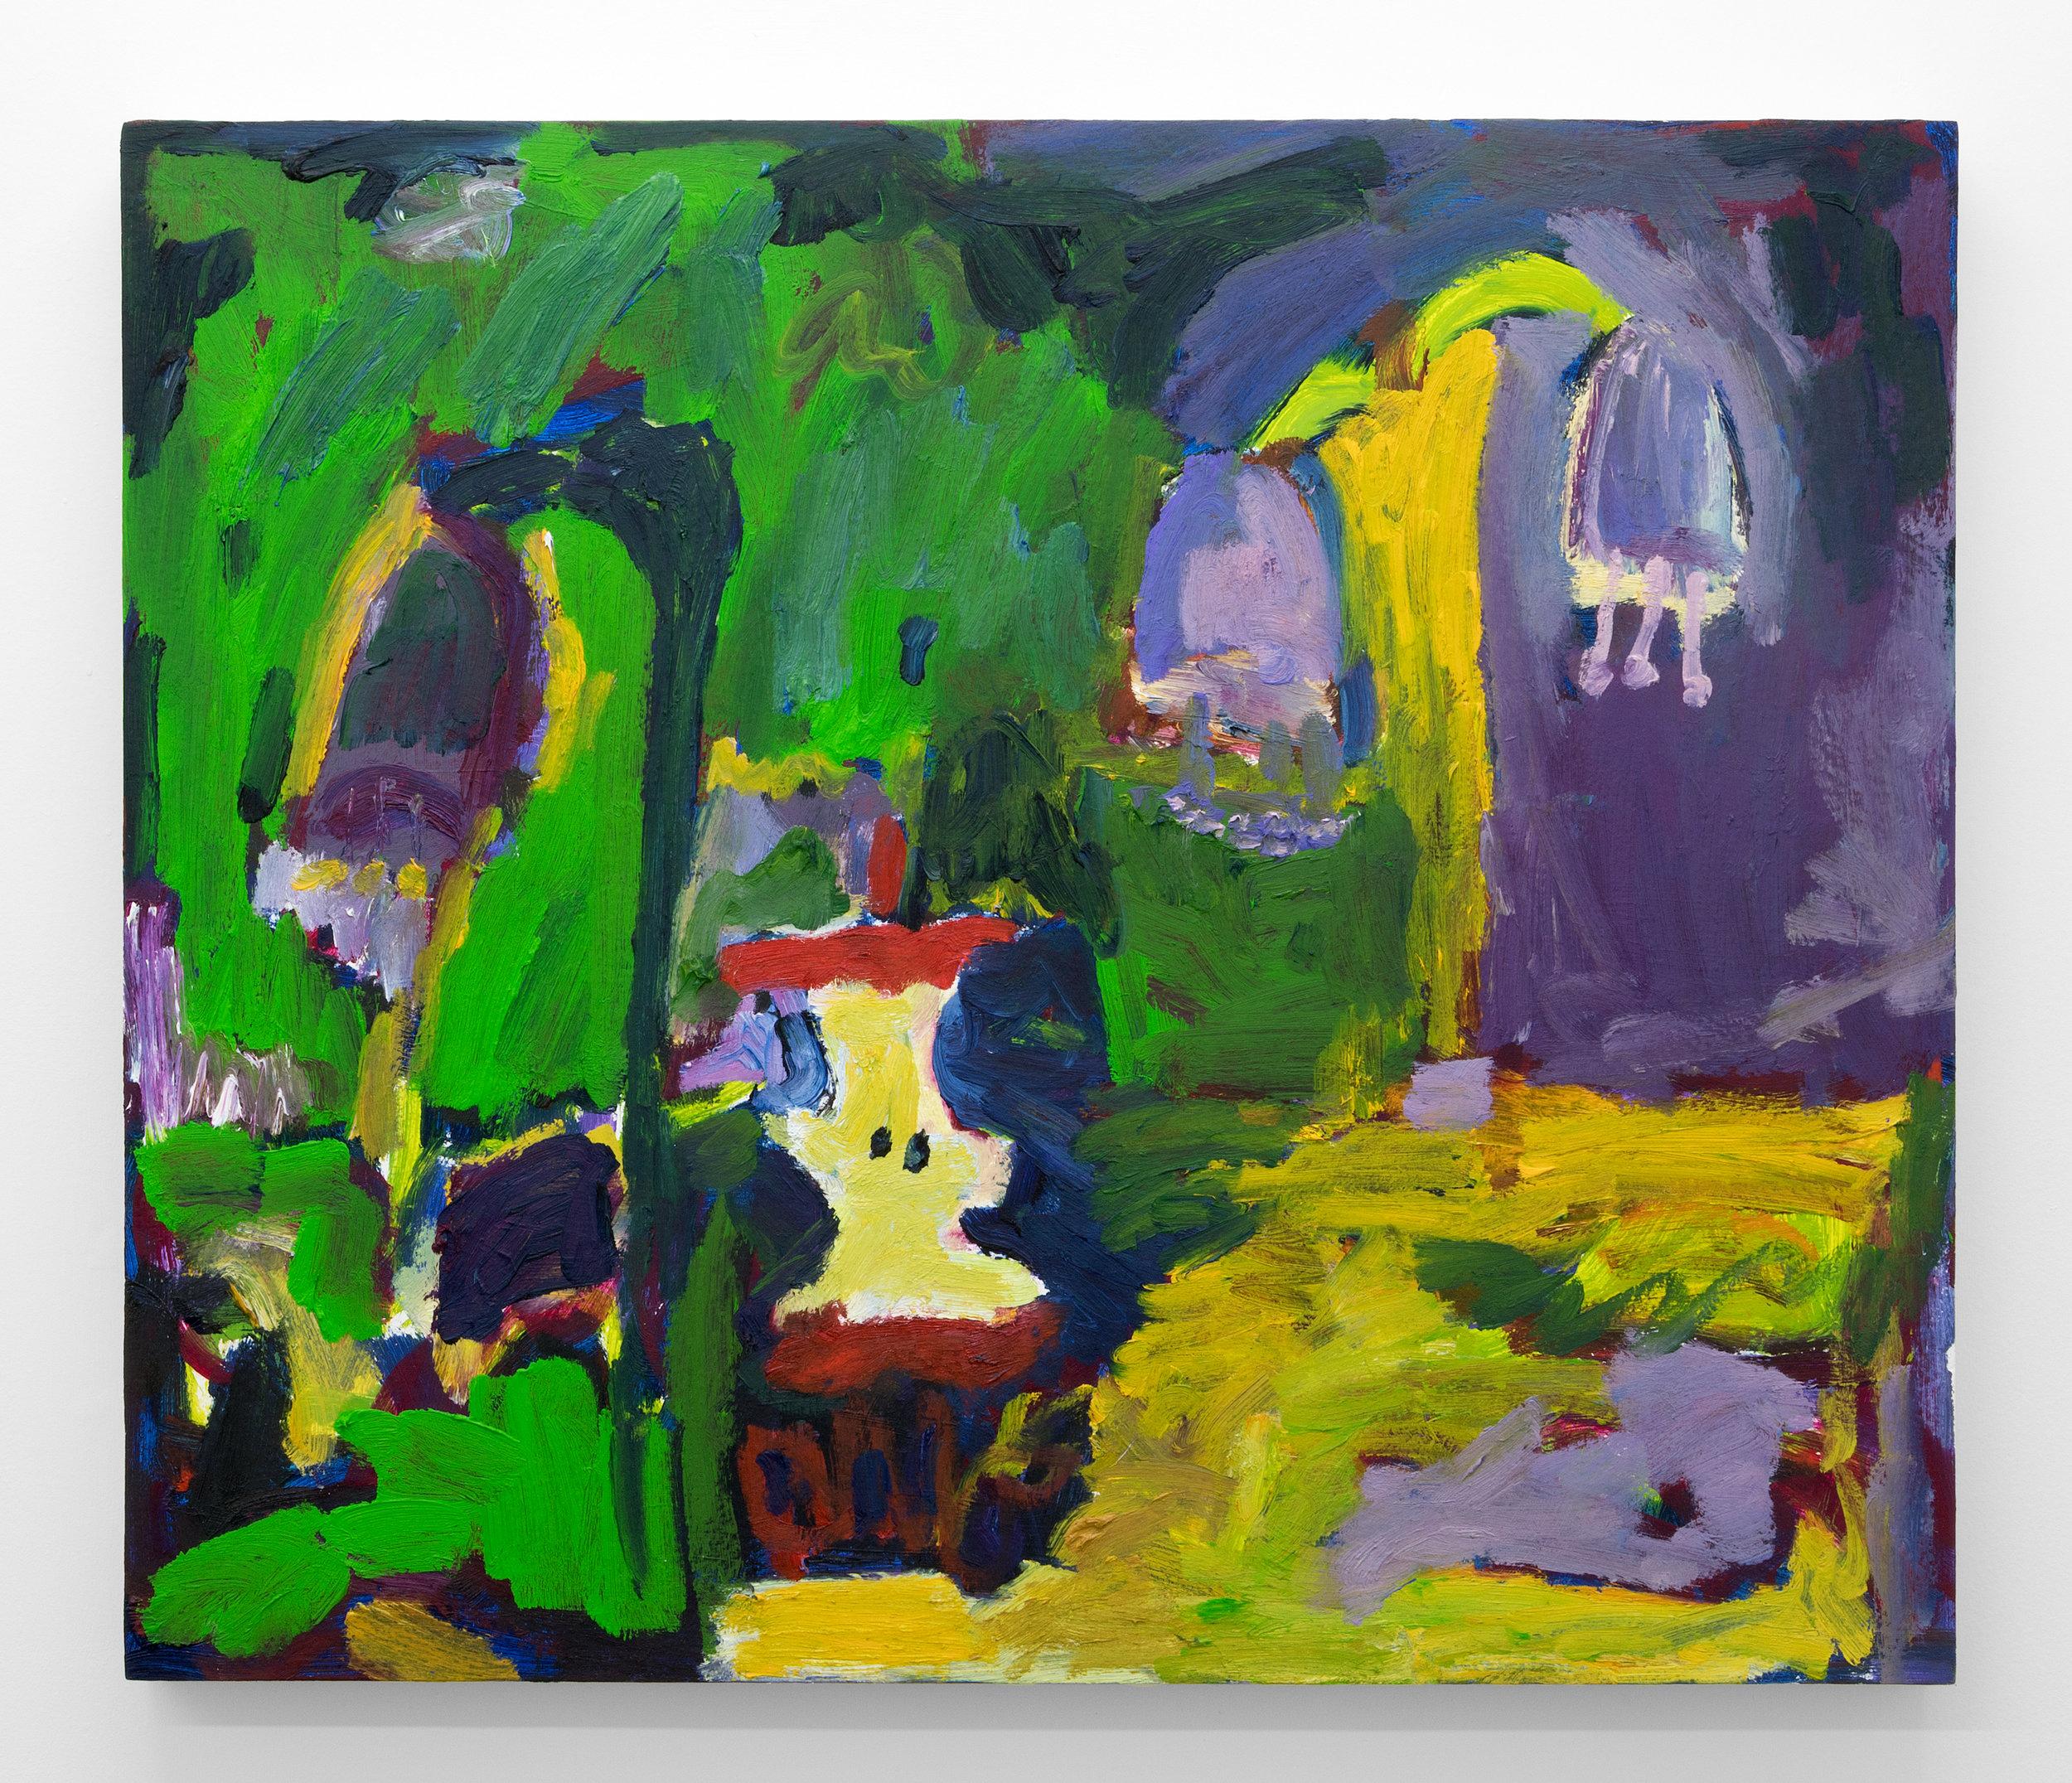 Adrianne Rubenstein,  The Forest Floor , 2018, Oil on panel, 22 x 26 in